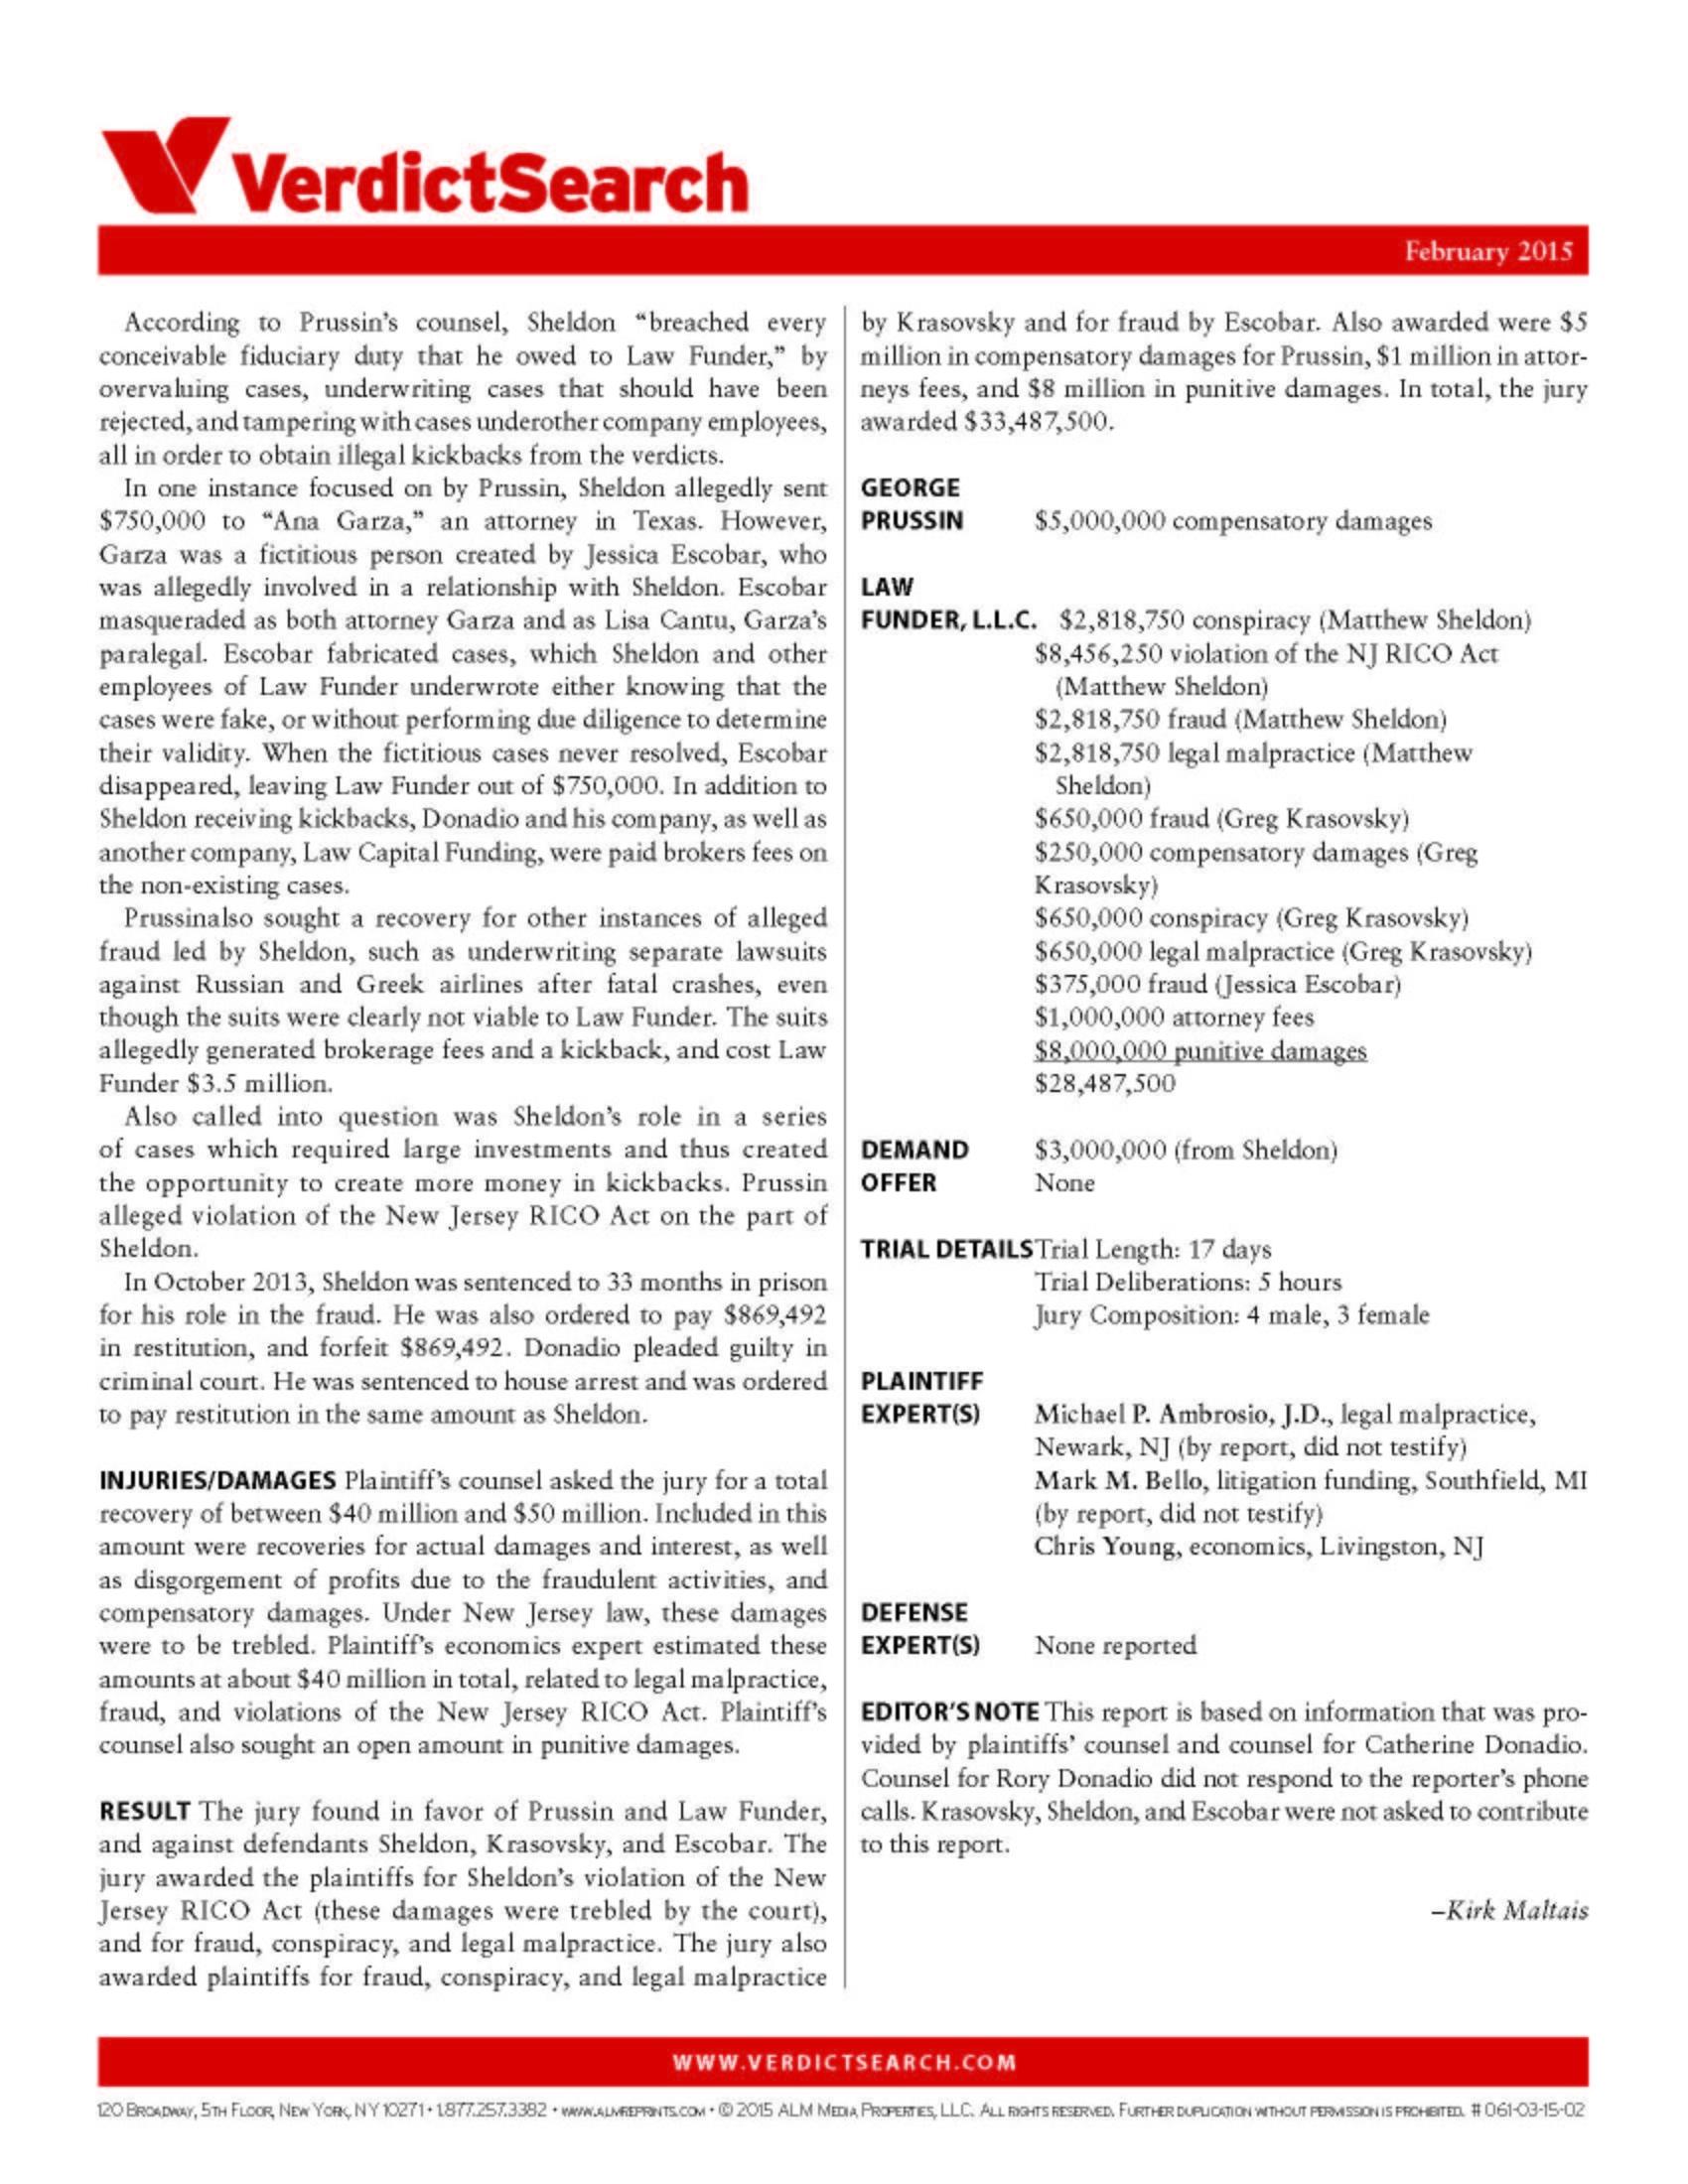 Verdict Search Post_Page_2